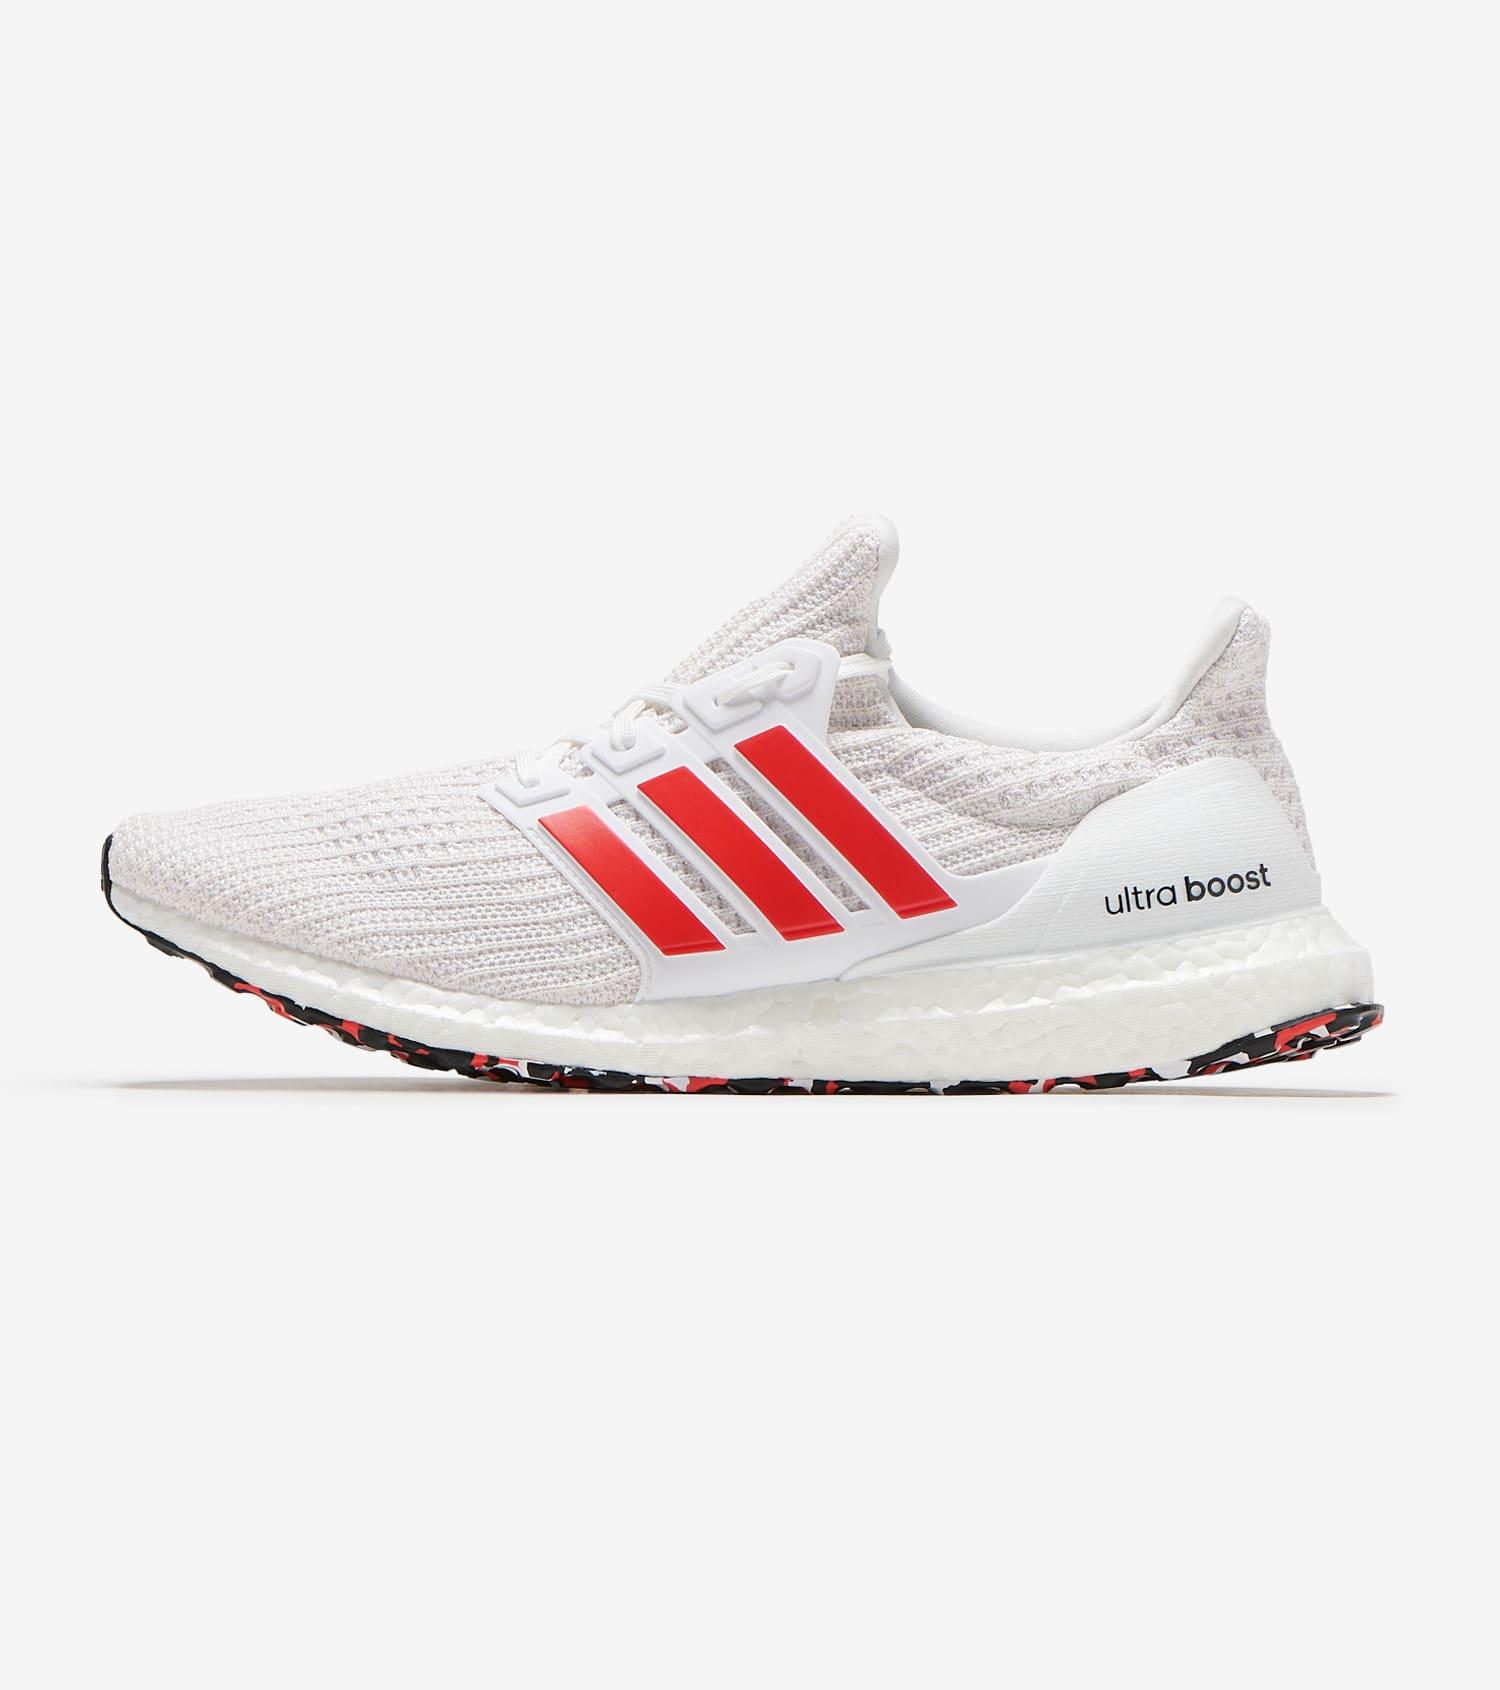 leuk UltraBOOST Sneaker Exchange | ultraboost | Adidas